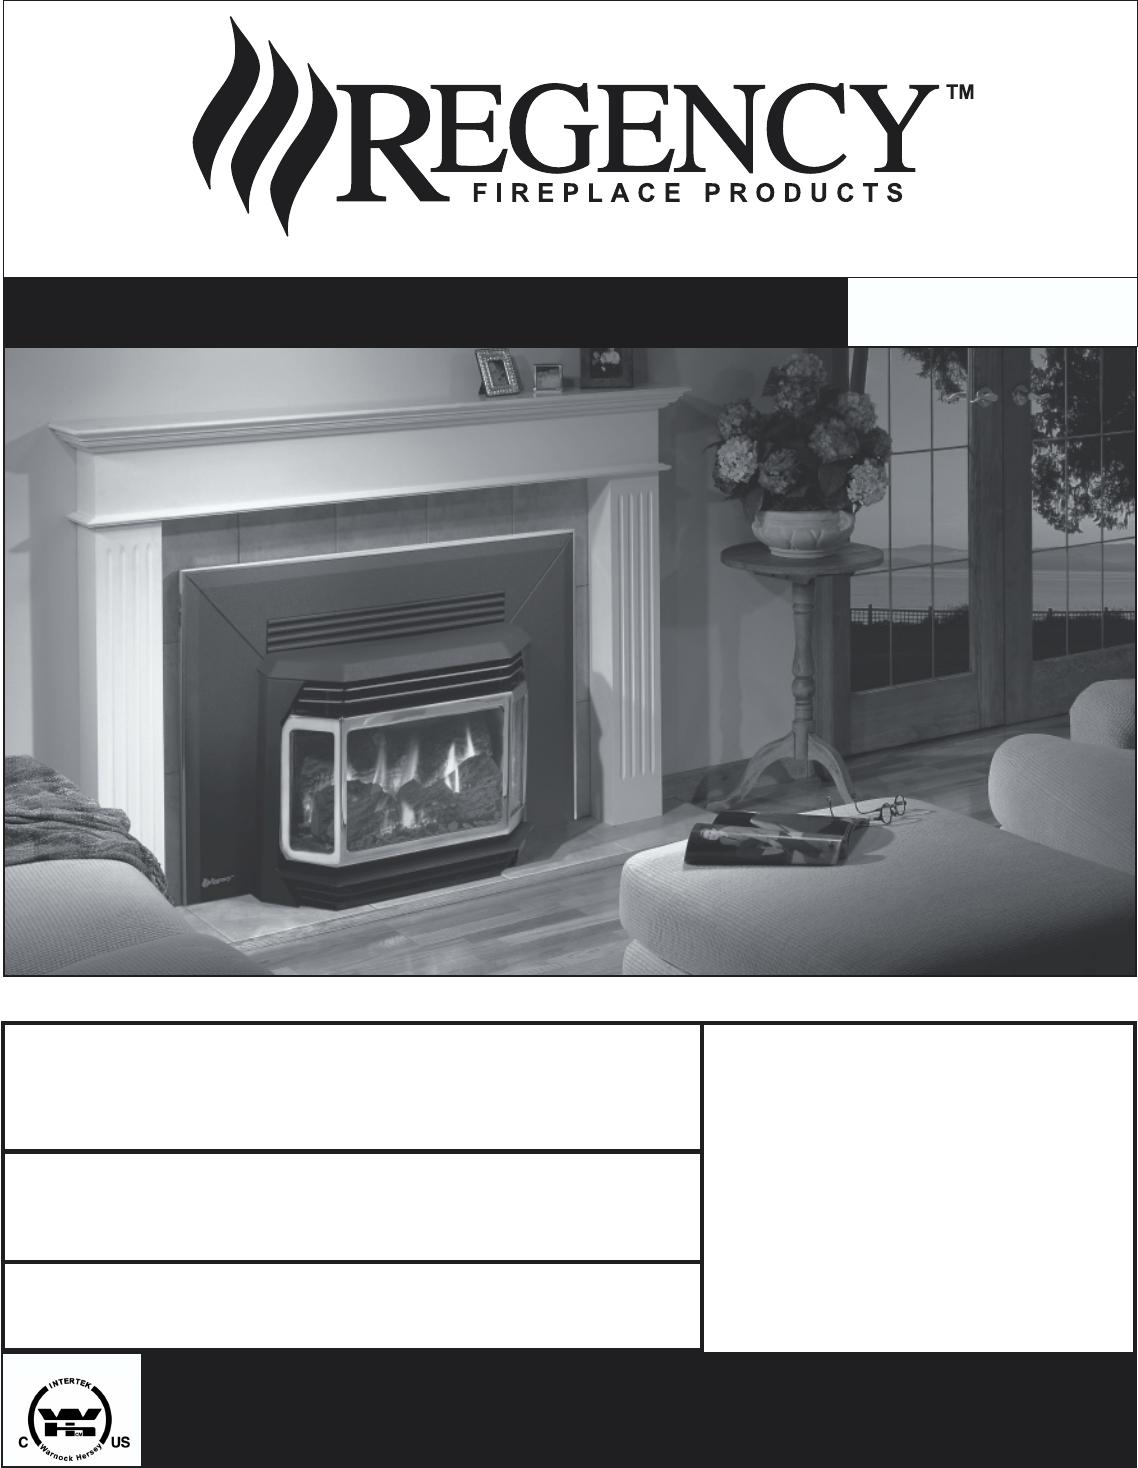 regency indoor fireplace u41 lp3 user guide manualsonline com